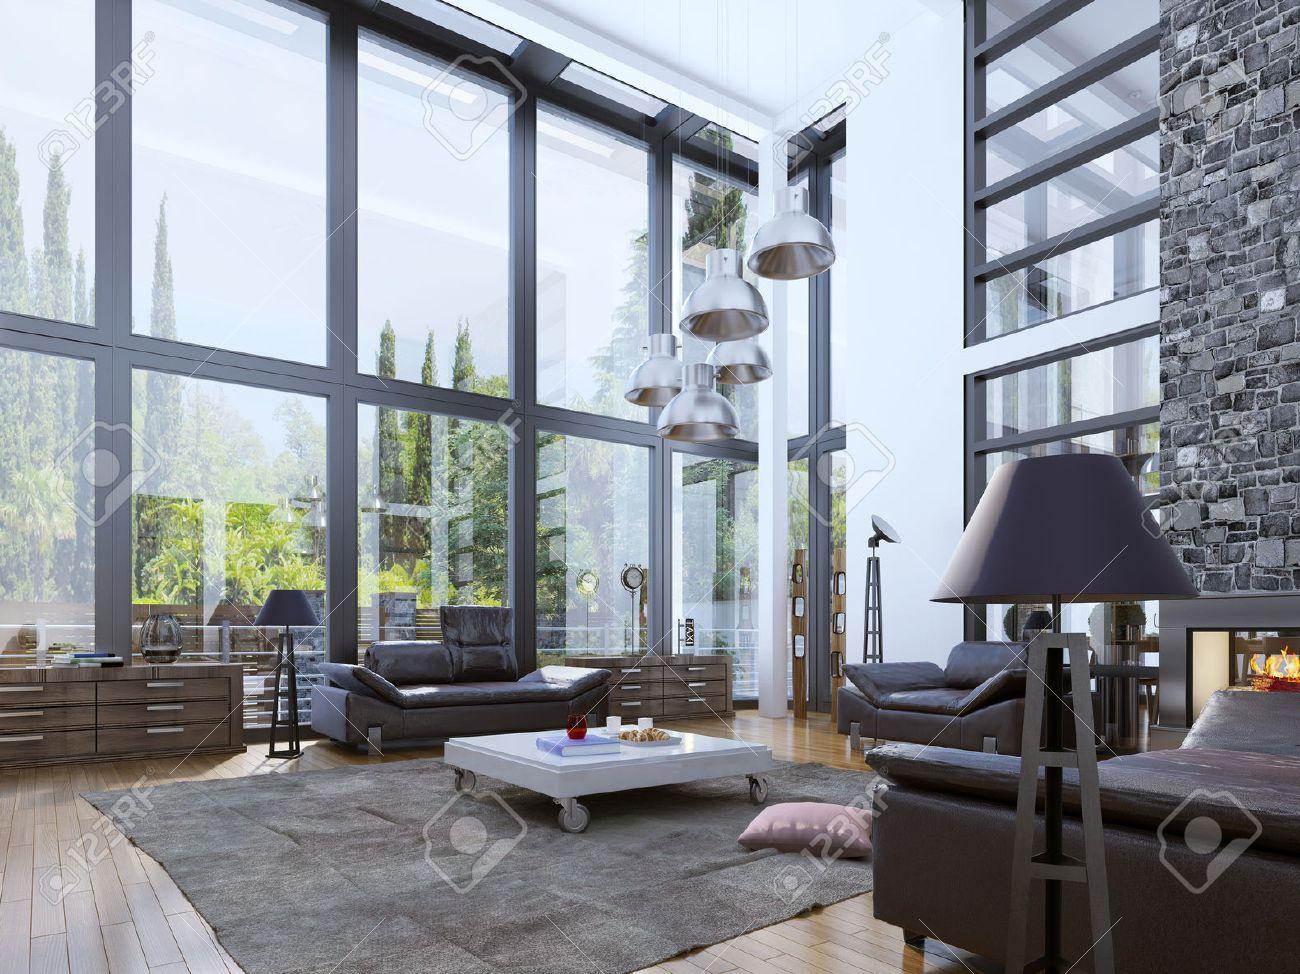 Standard Bild   Zweistöckiges Modernes Wohnzimmer Mit Panoramafenstern.  Einheit Mit Der Natur Innenraum. Helle Architektur Wohnzimmer Mit Weißen  Wänden Und ...